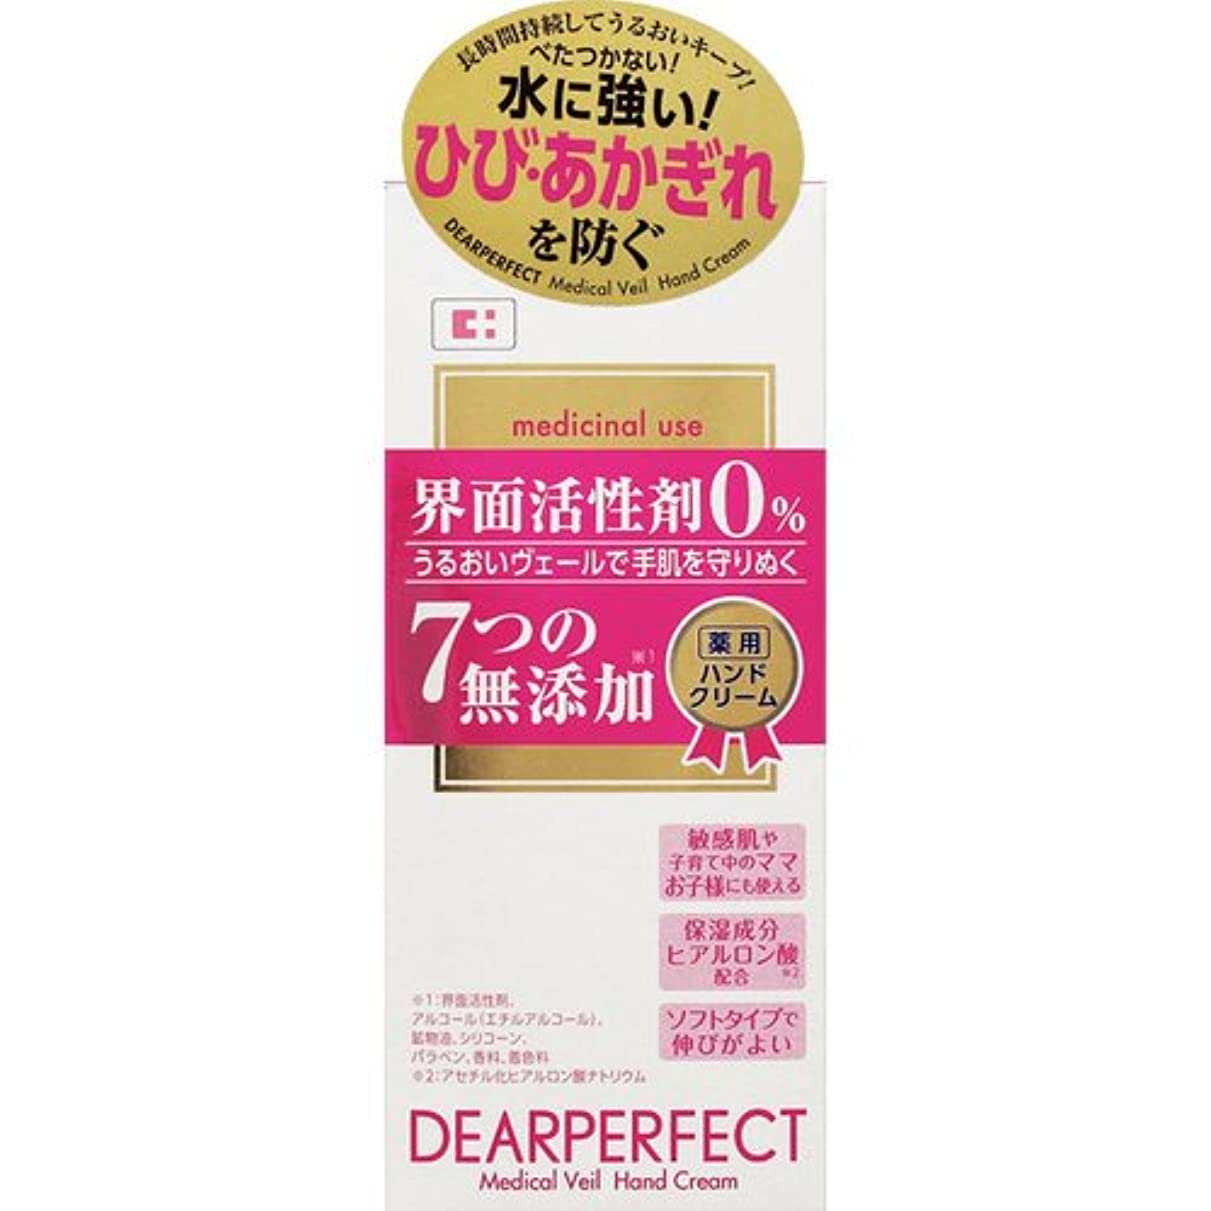 腐った過剰ギャップディアパーフェクト 薬用ハンドクリーム 40g [医薬部外品]